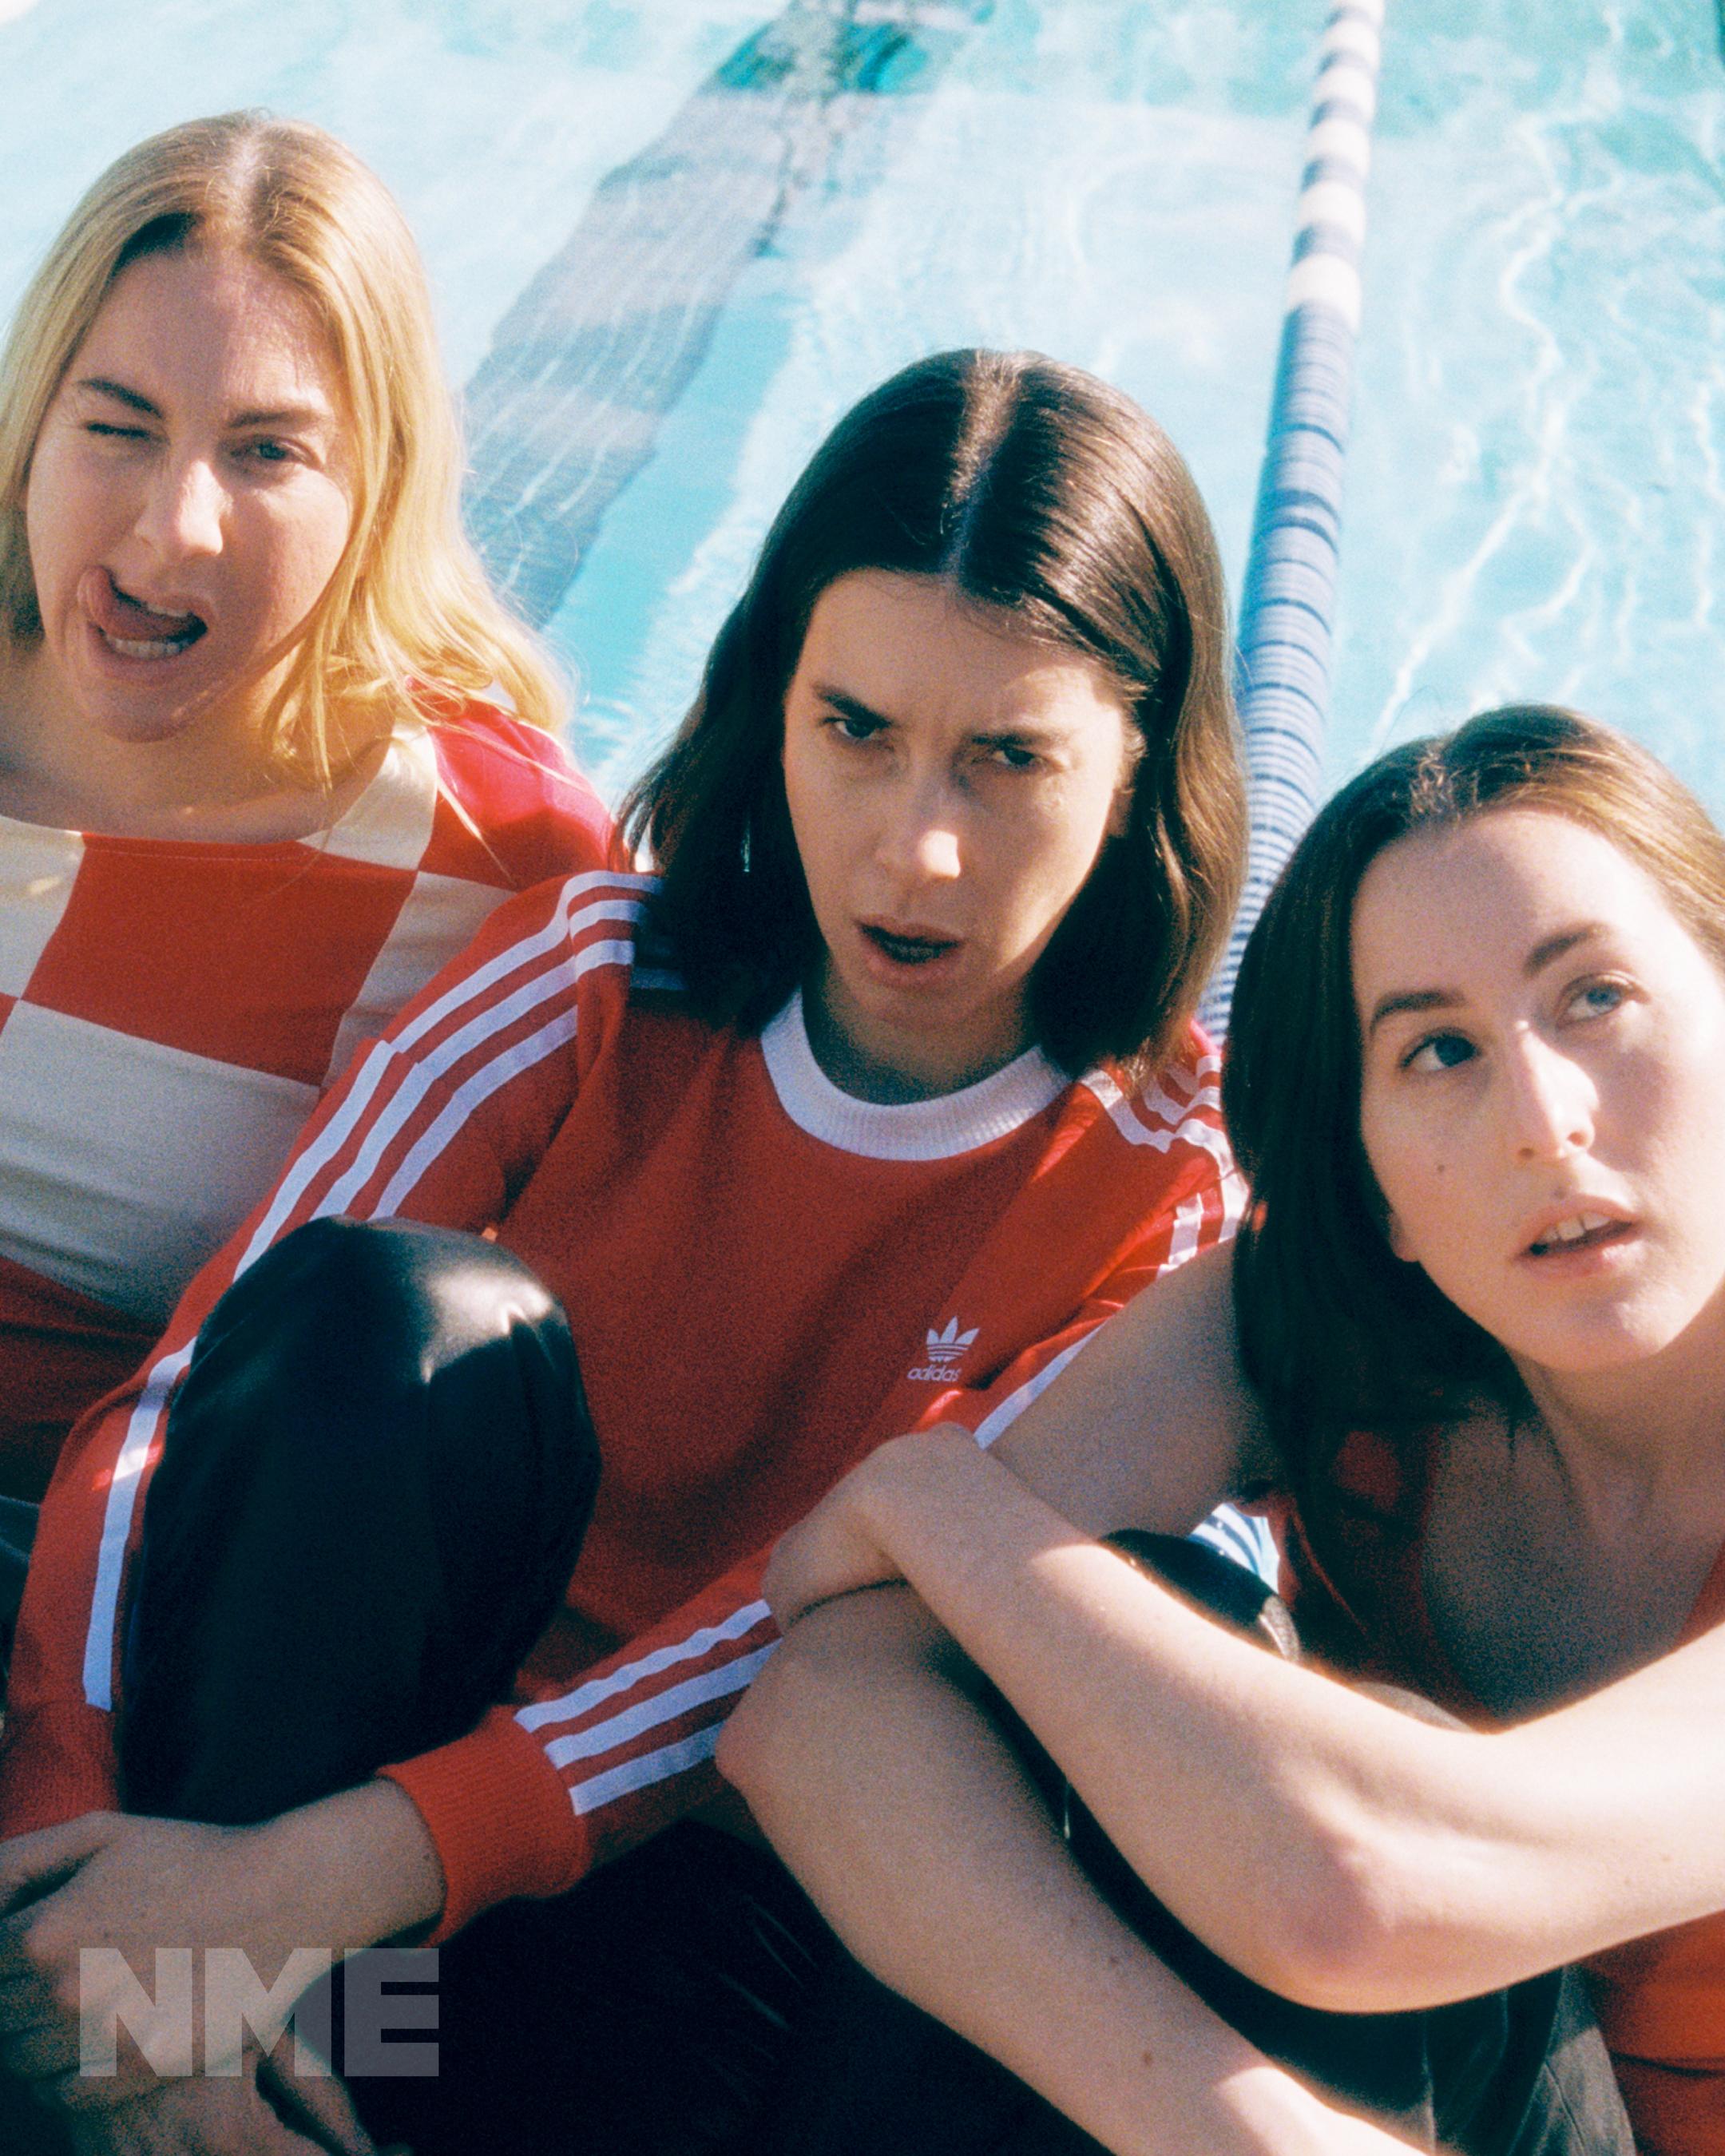 Haim shot for NME